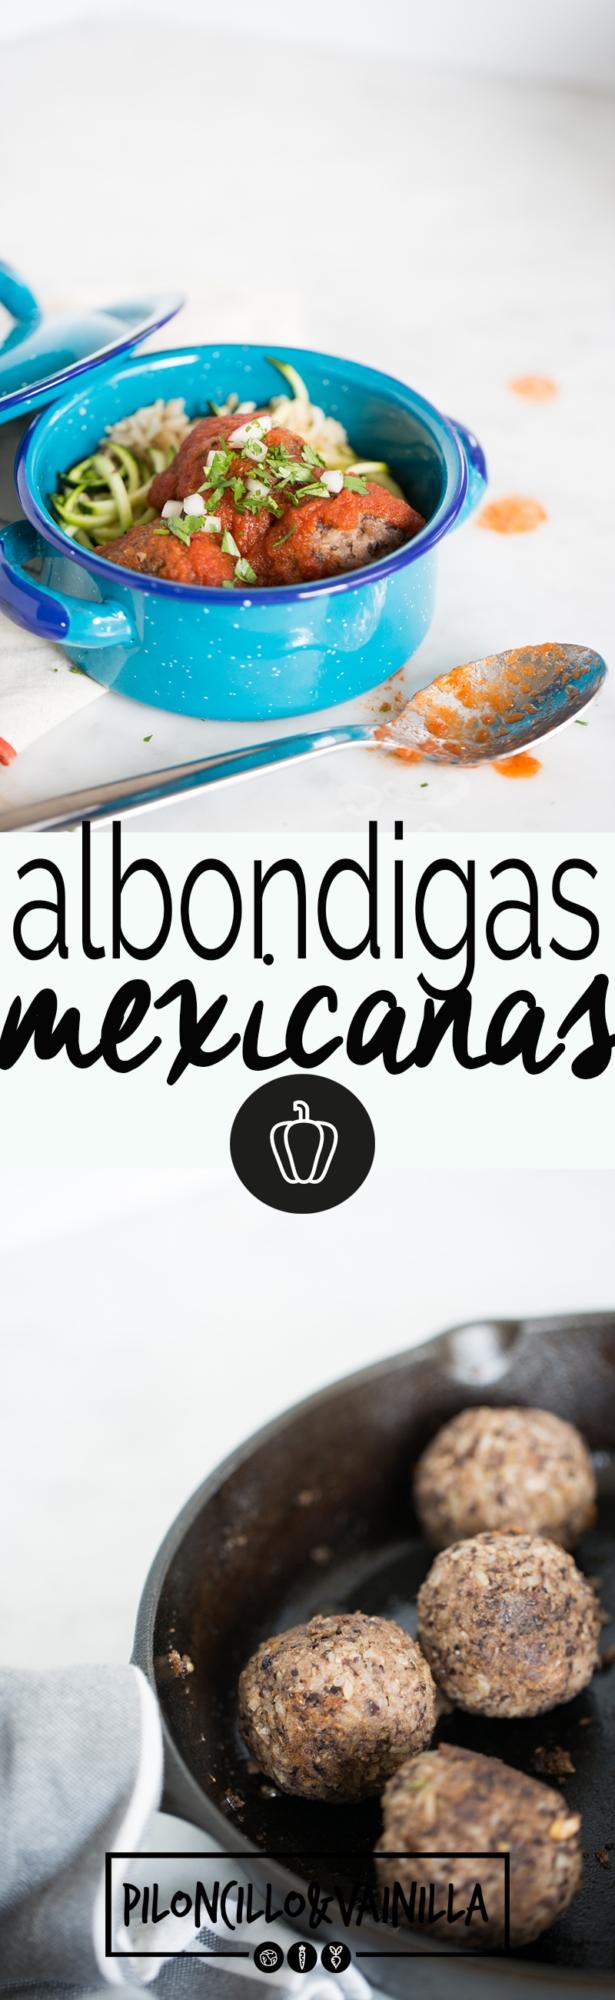 albondigas mexicanas